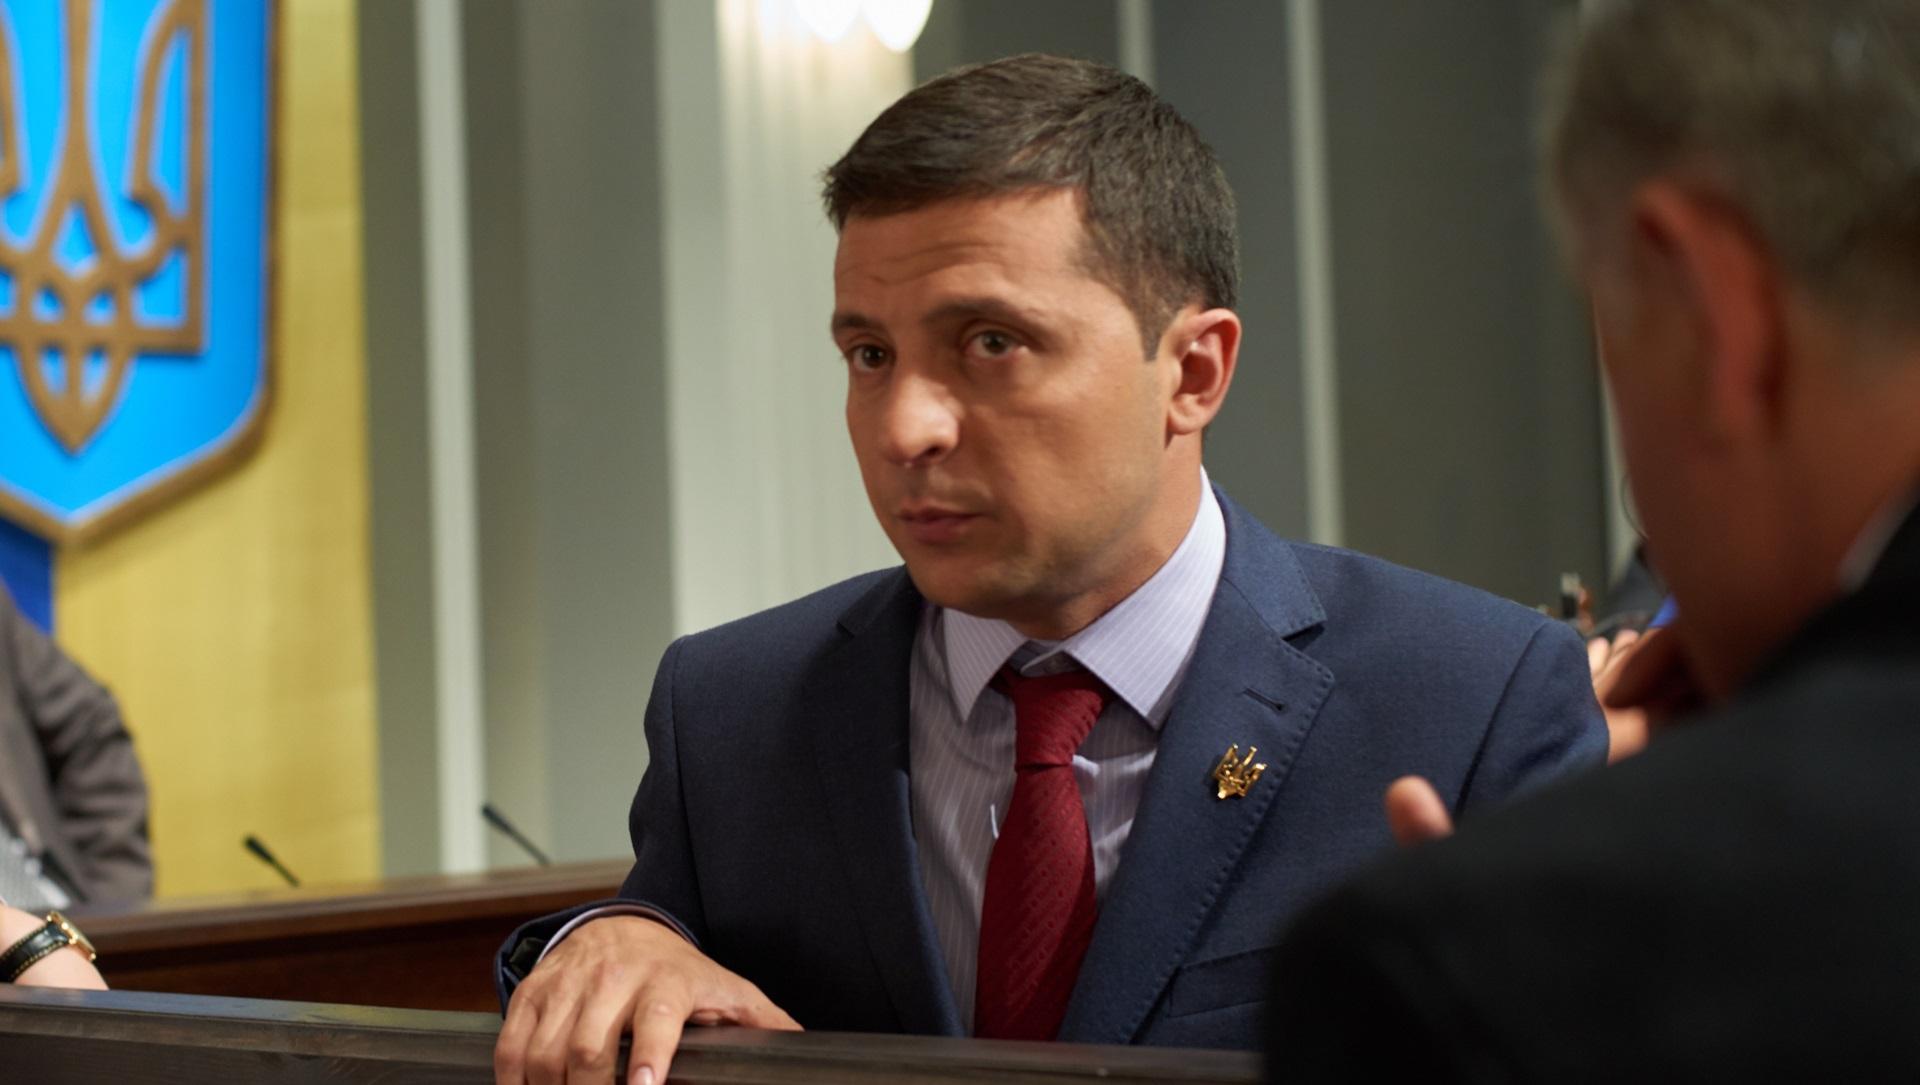 Тарас Березовец, Зеленский, тимошенко, Порошенко, второй тур, выборы президента, новости, Украина